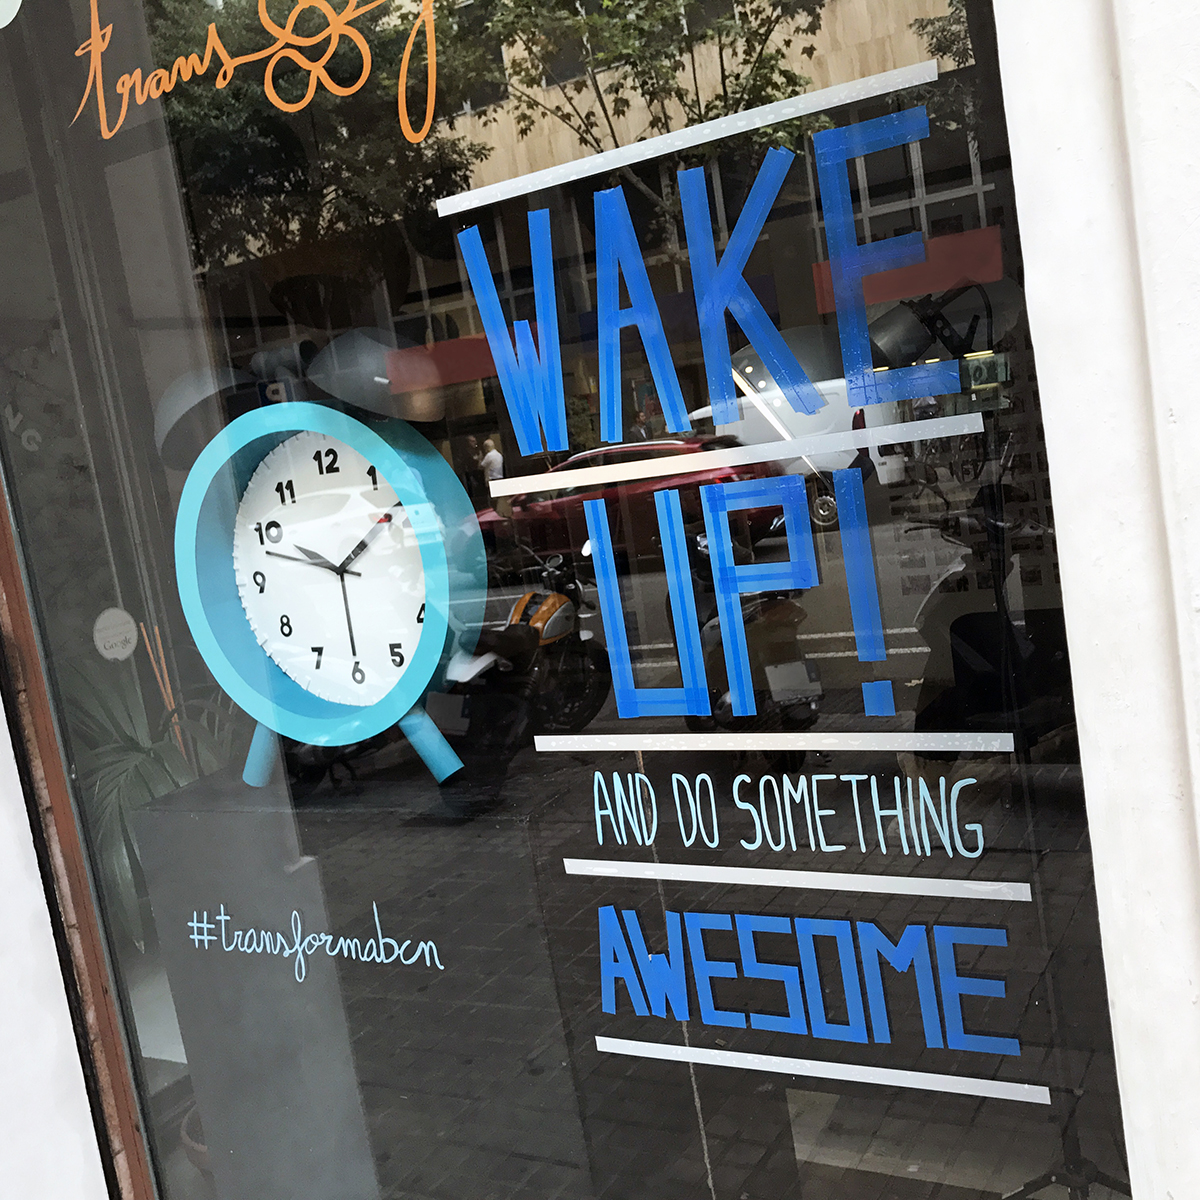 promo_escaparate_septiembre_wake_up